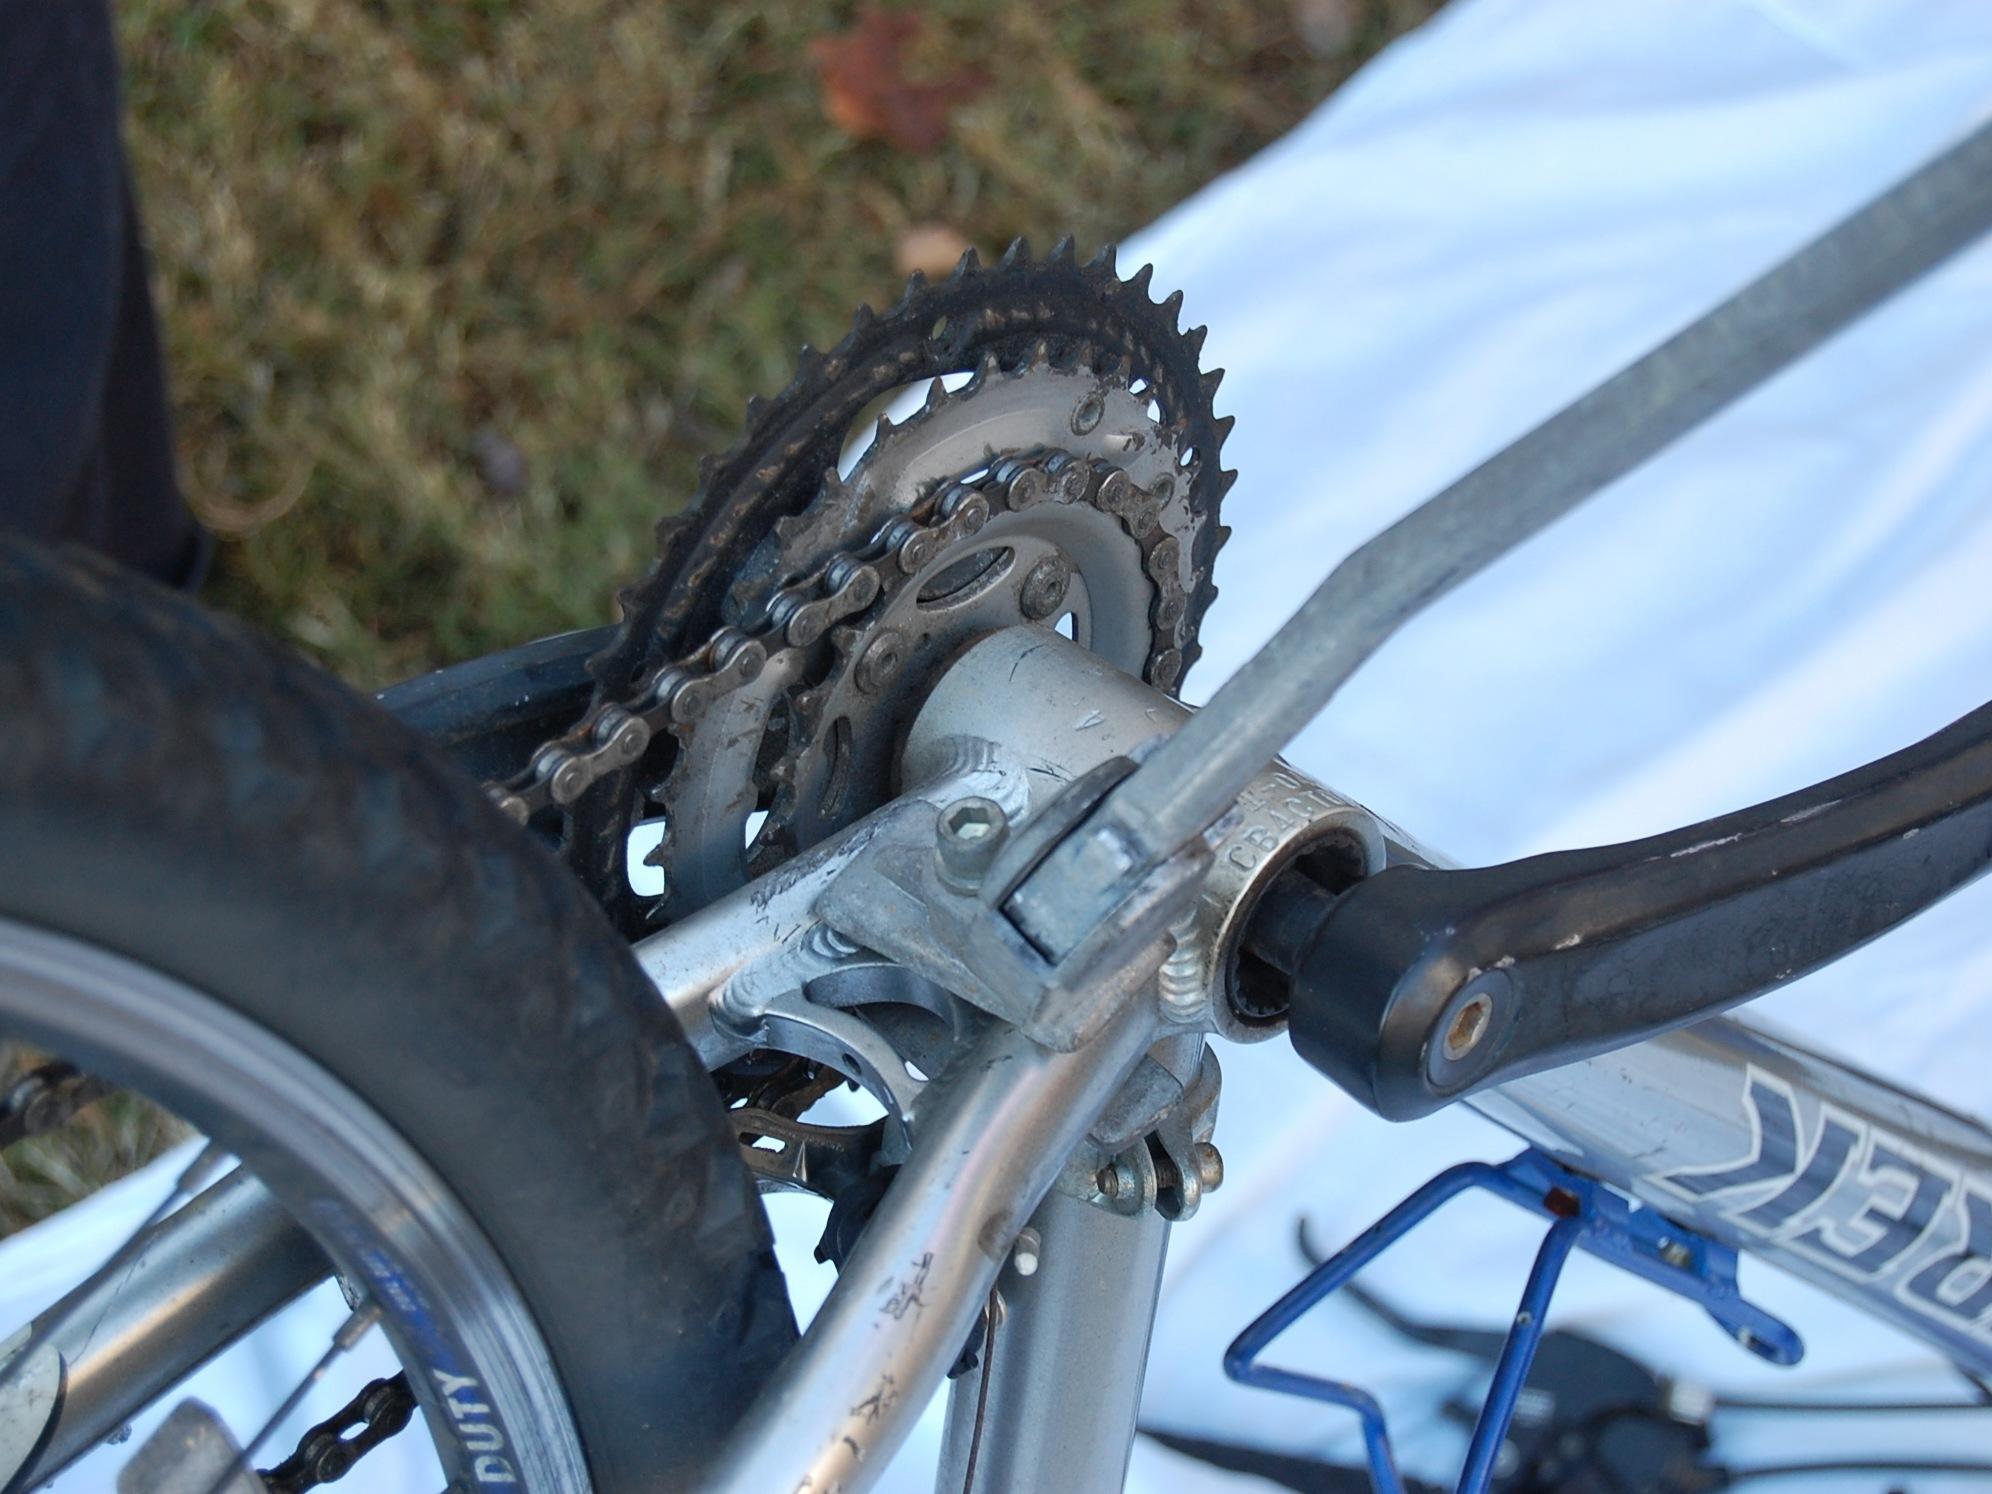 trek 4300 ifixit rh ifixit com trek 4500 manual Trek 4300 Mountain Bike